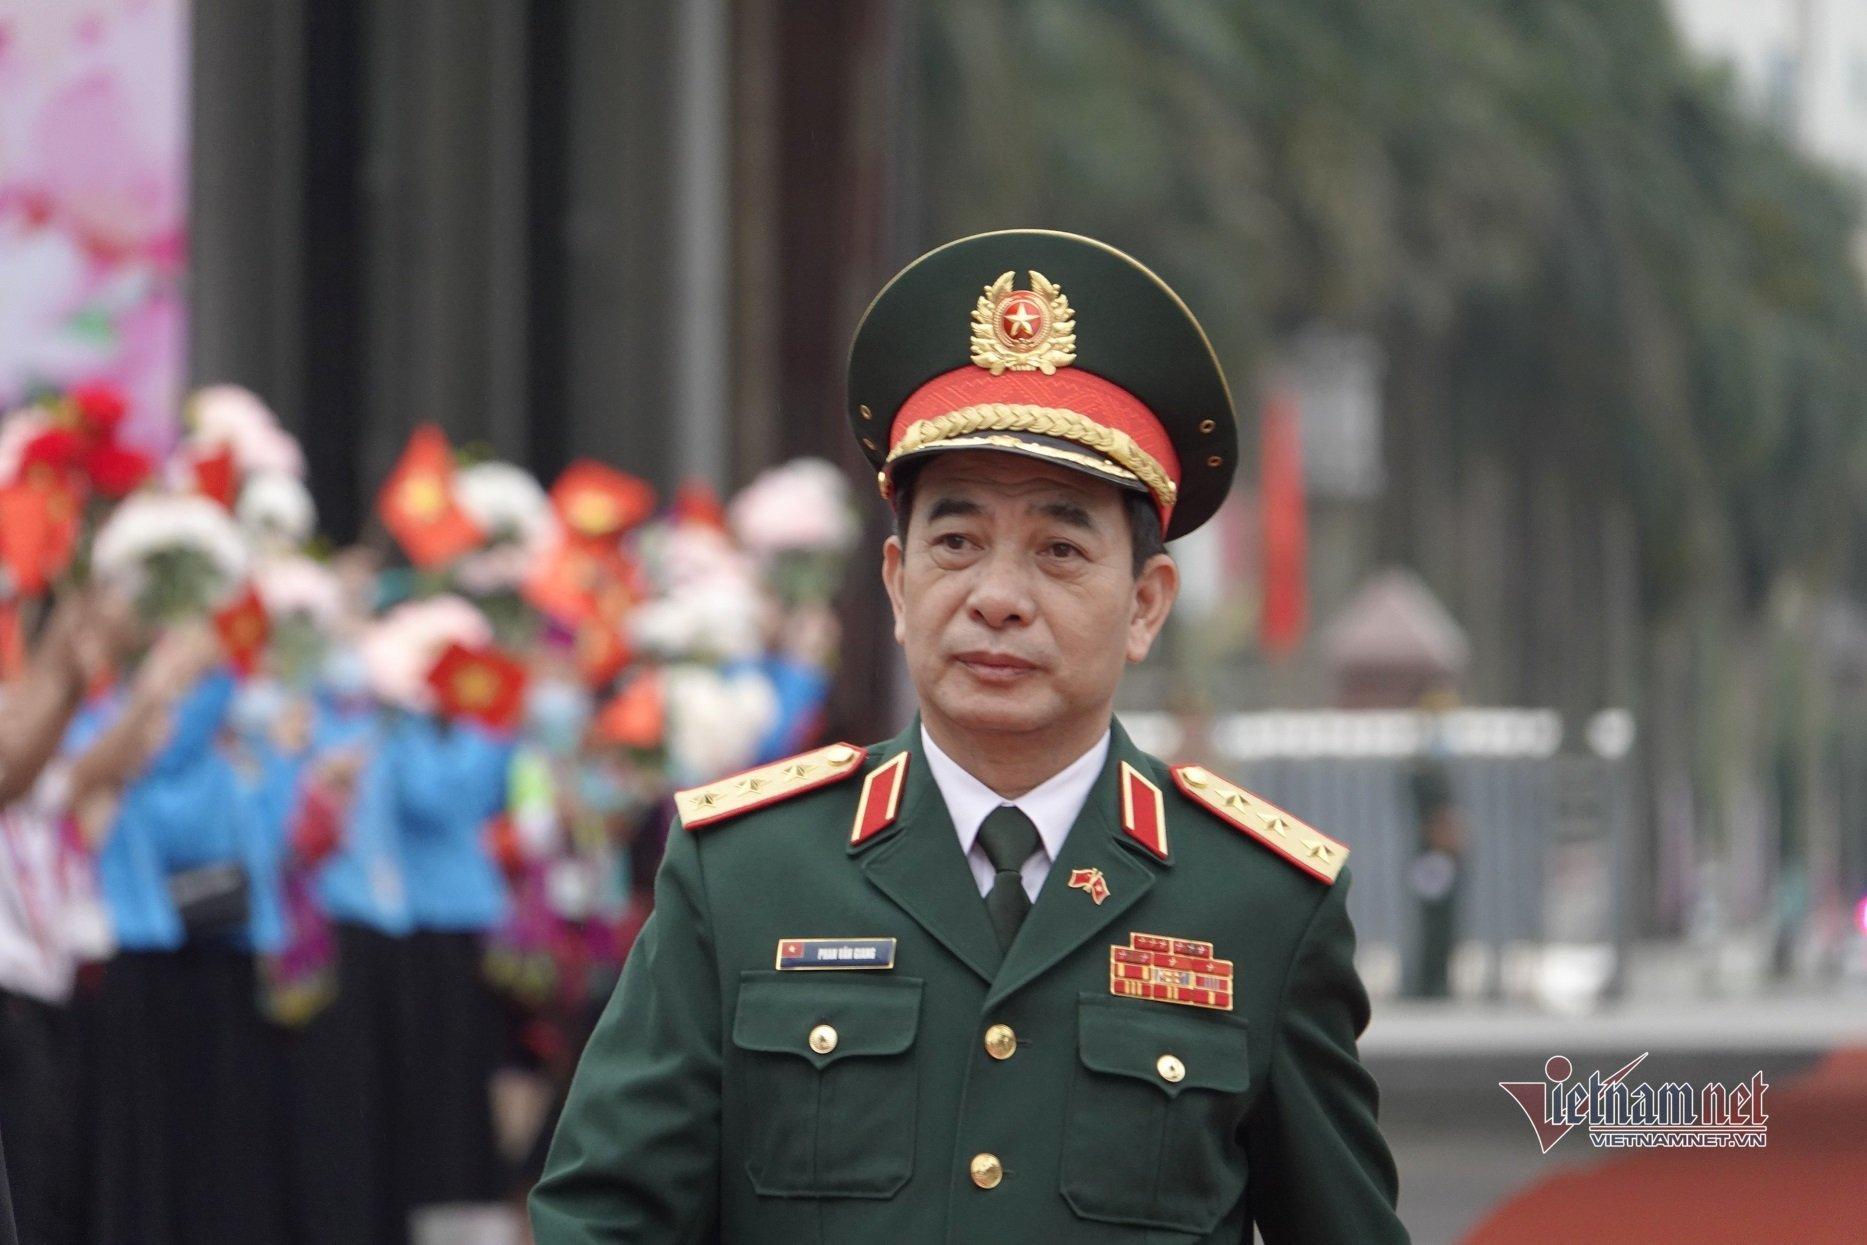 Giao lưu hữu nghị Quốc phòng biên giới Việt Nam - Trung Quốc lần thứ 6